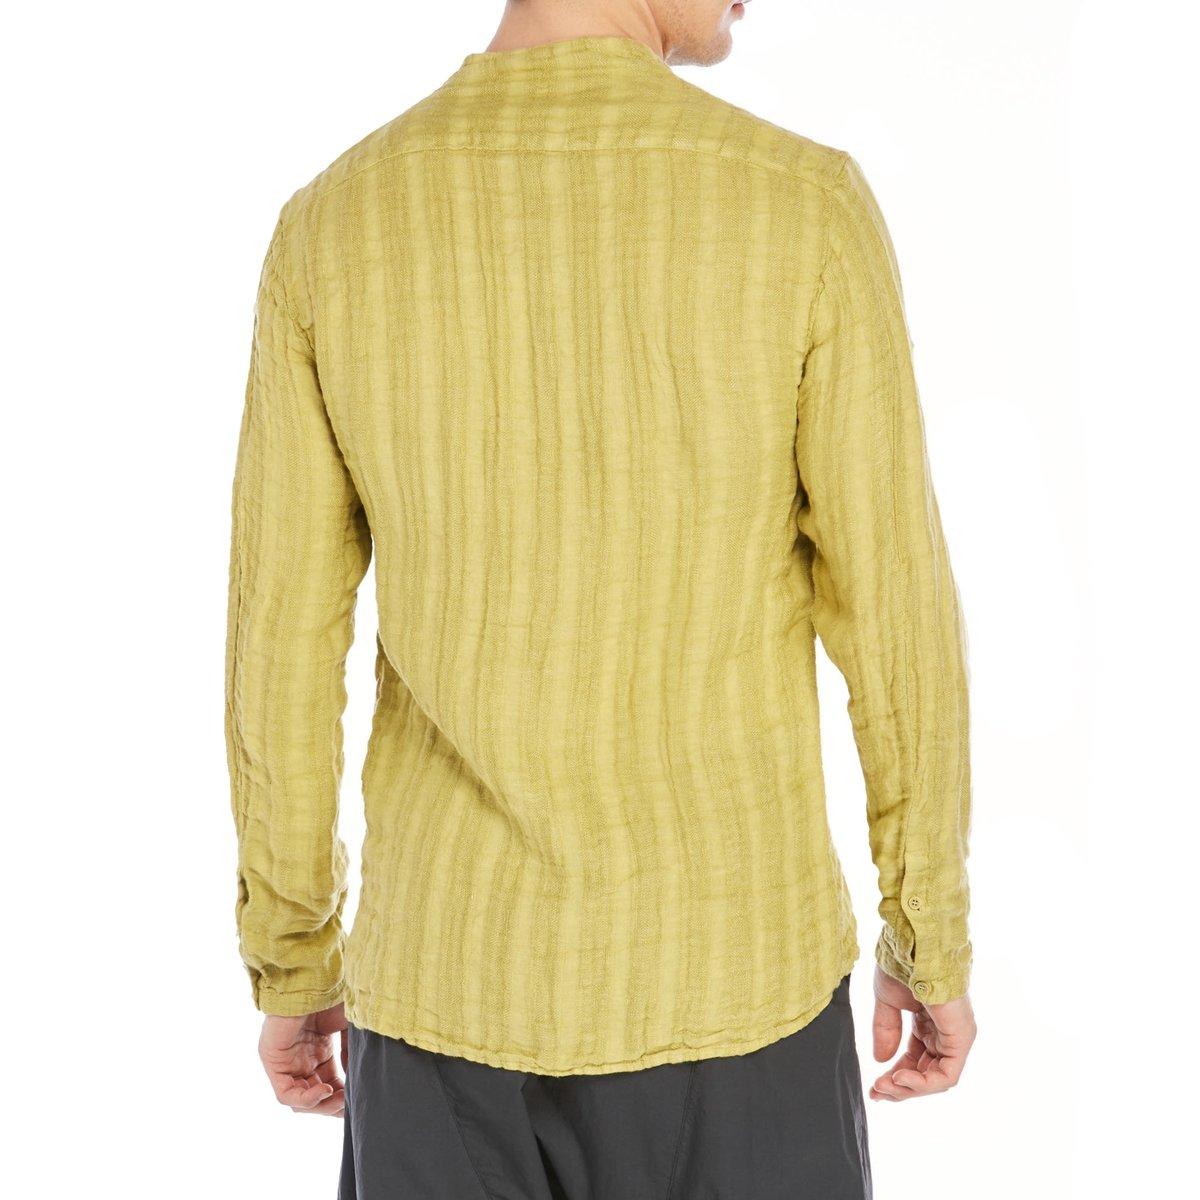 Transit yellow shirt fit 2.jpg